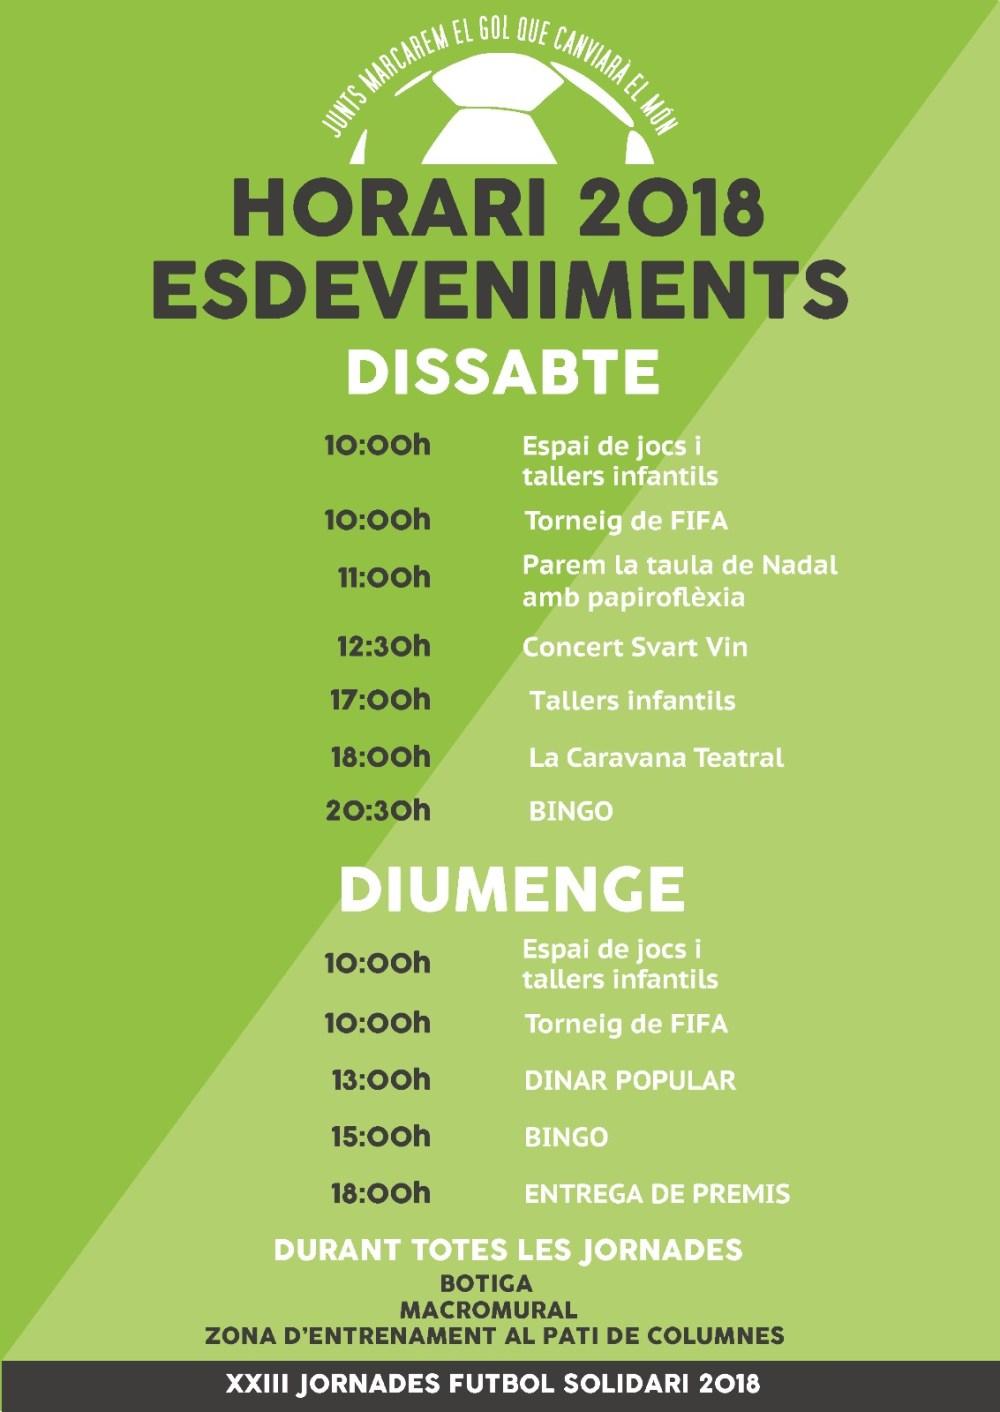 Horari Esdeveniments XXIII Jornades Futbol Solidari